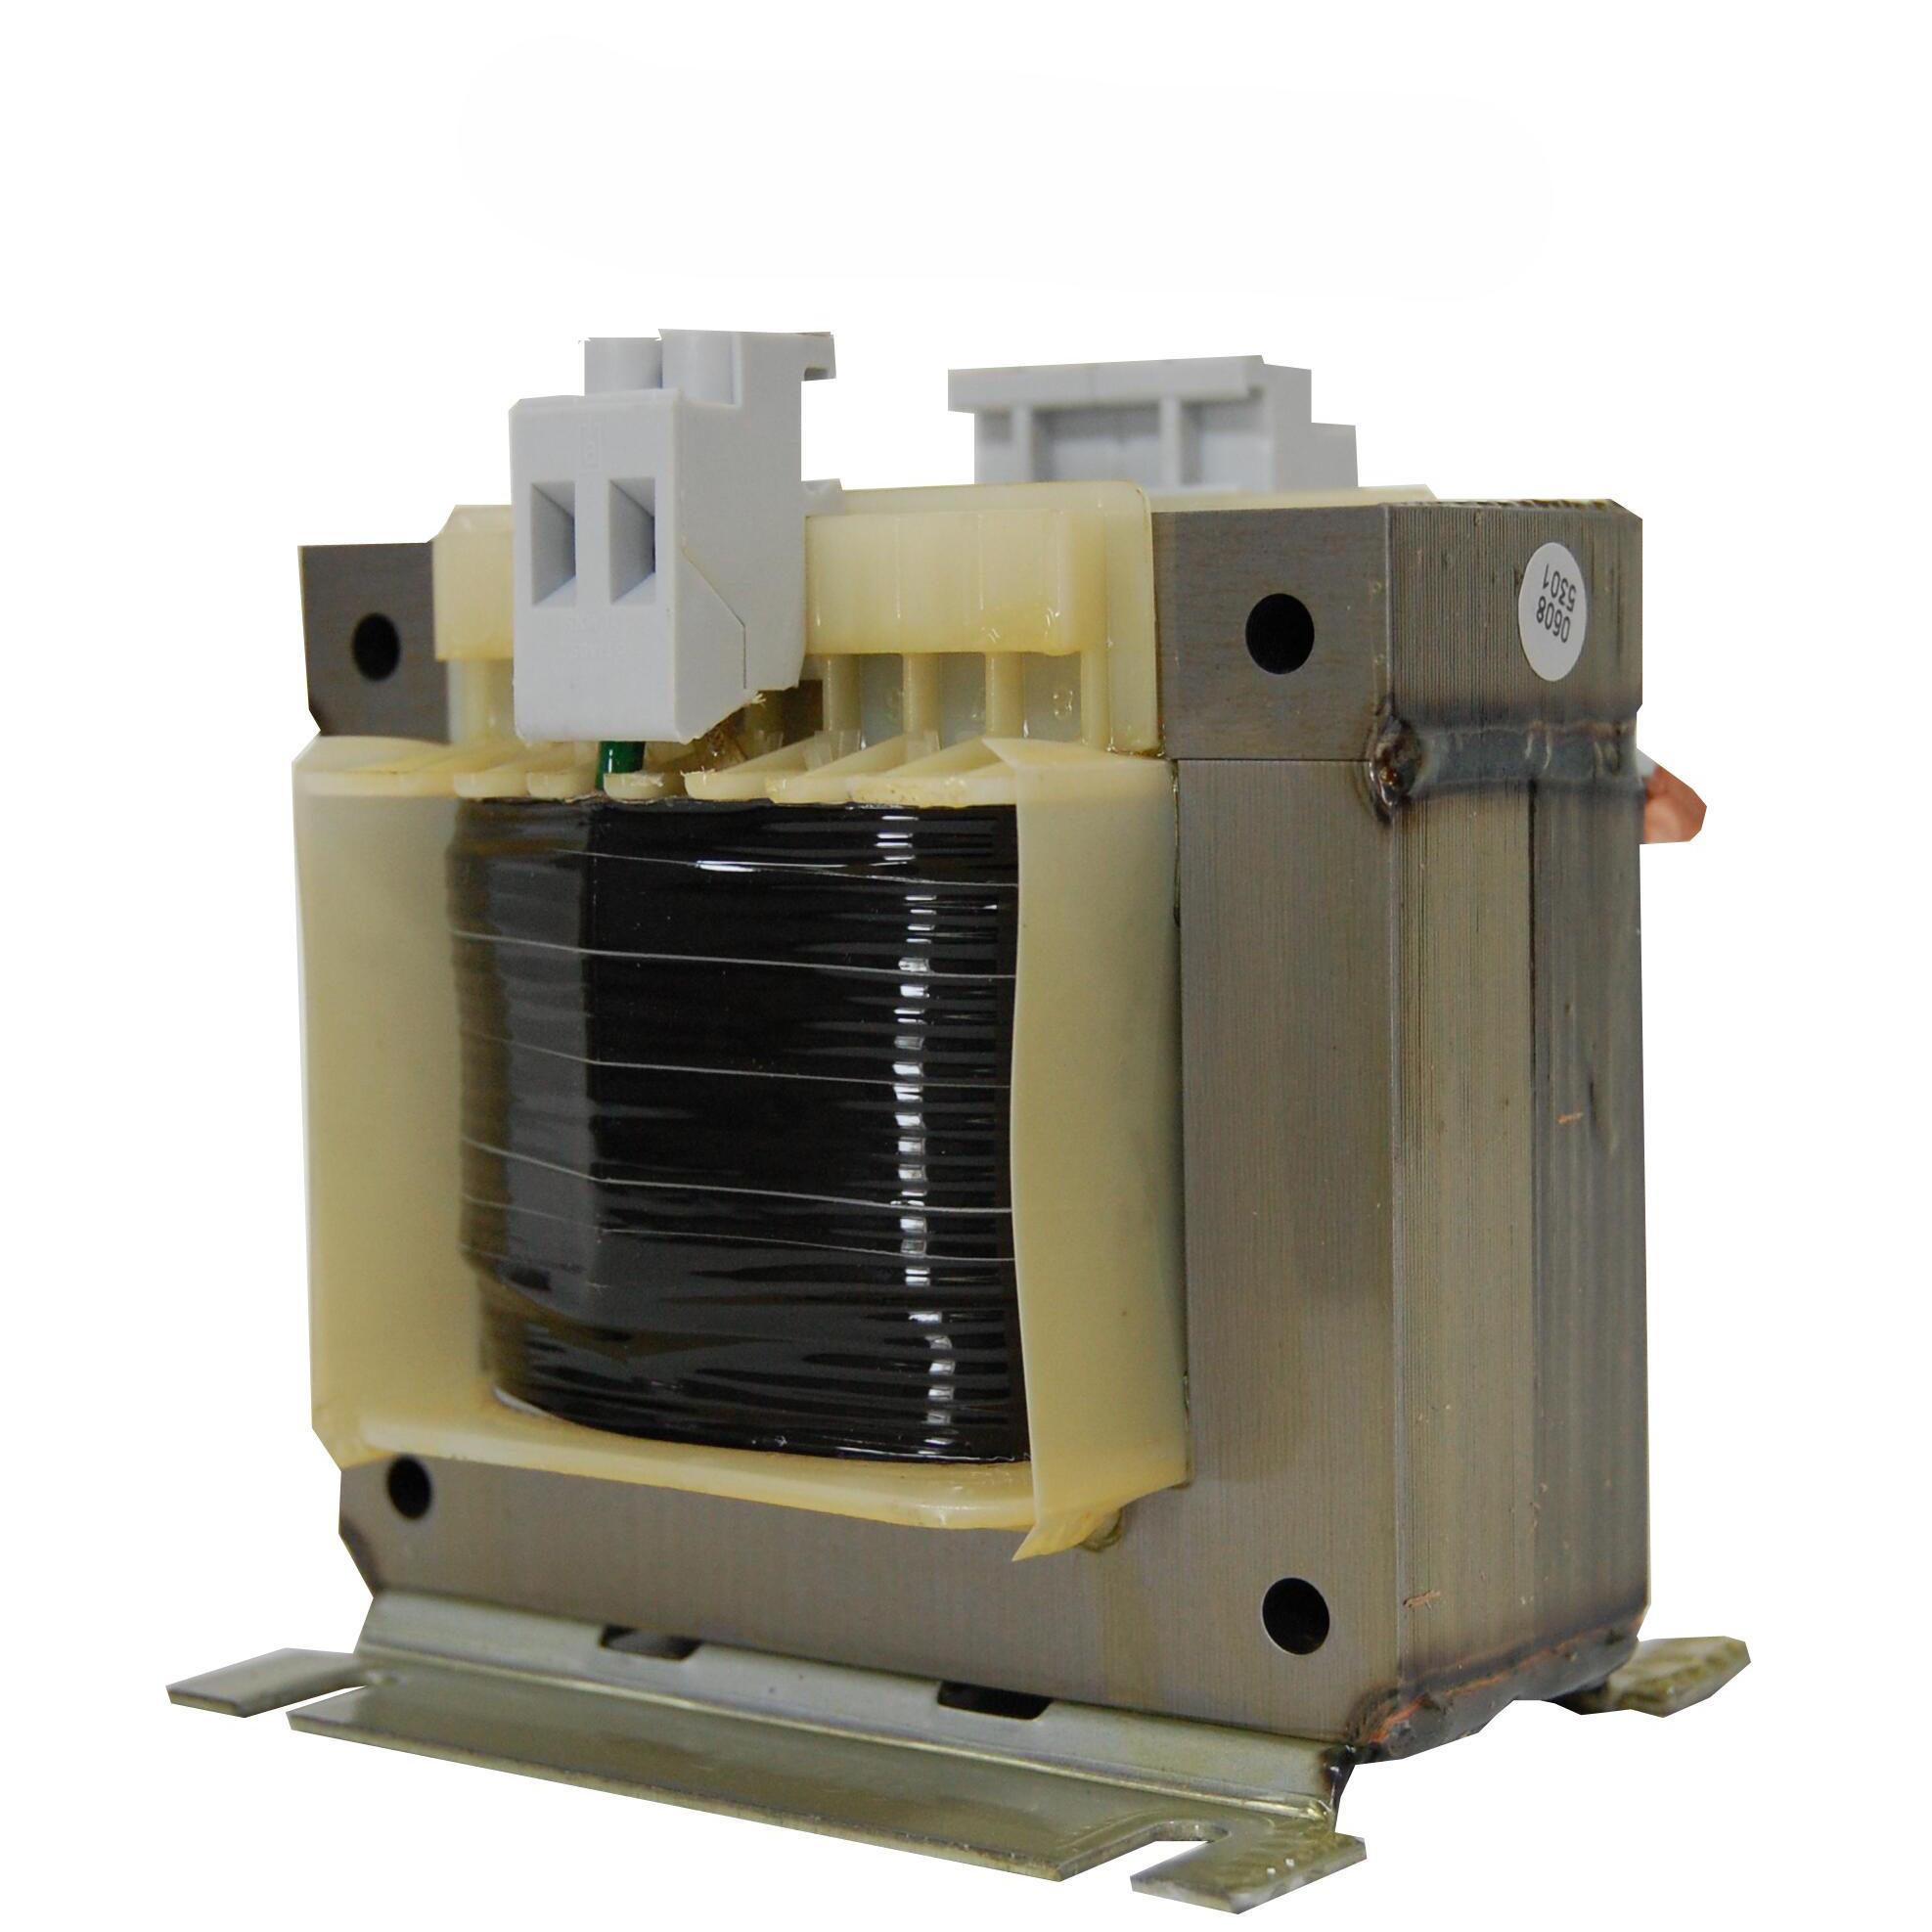 1 Stk Einphasen Steuertransformator 230/230V, 100VA, IP00 LP605010T-